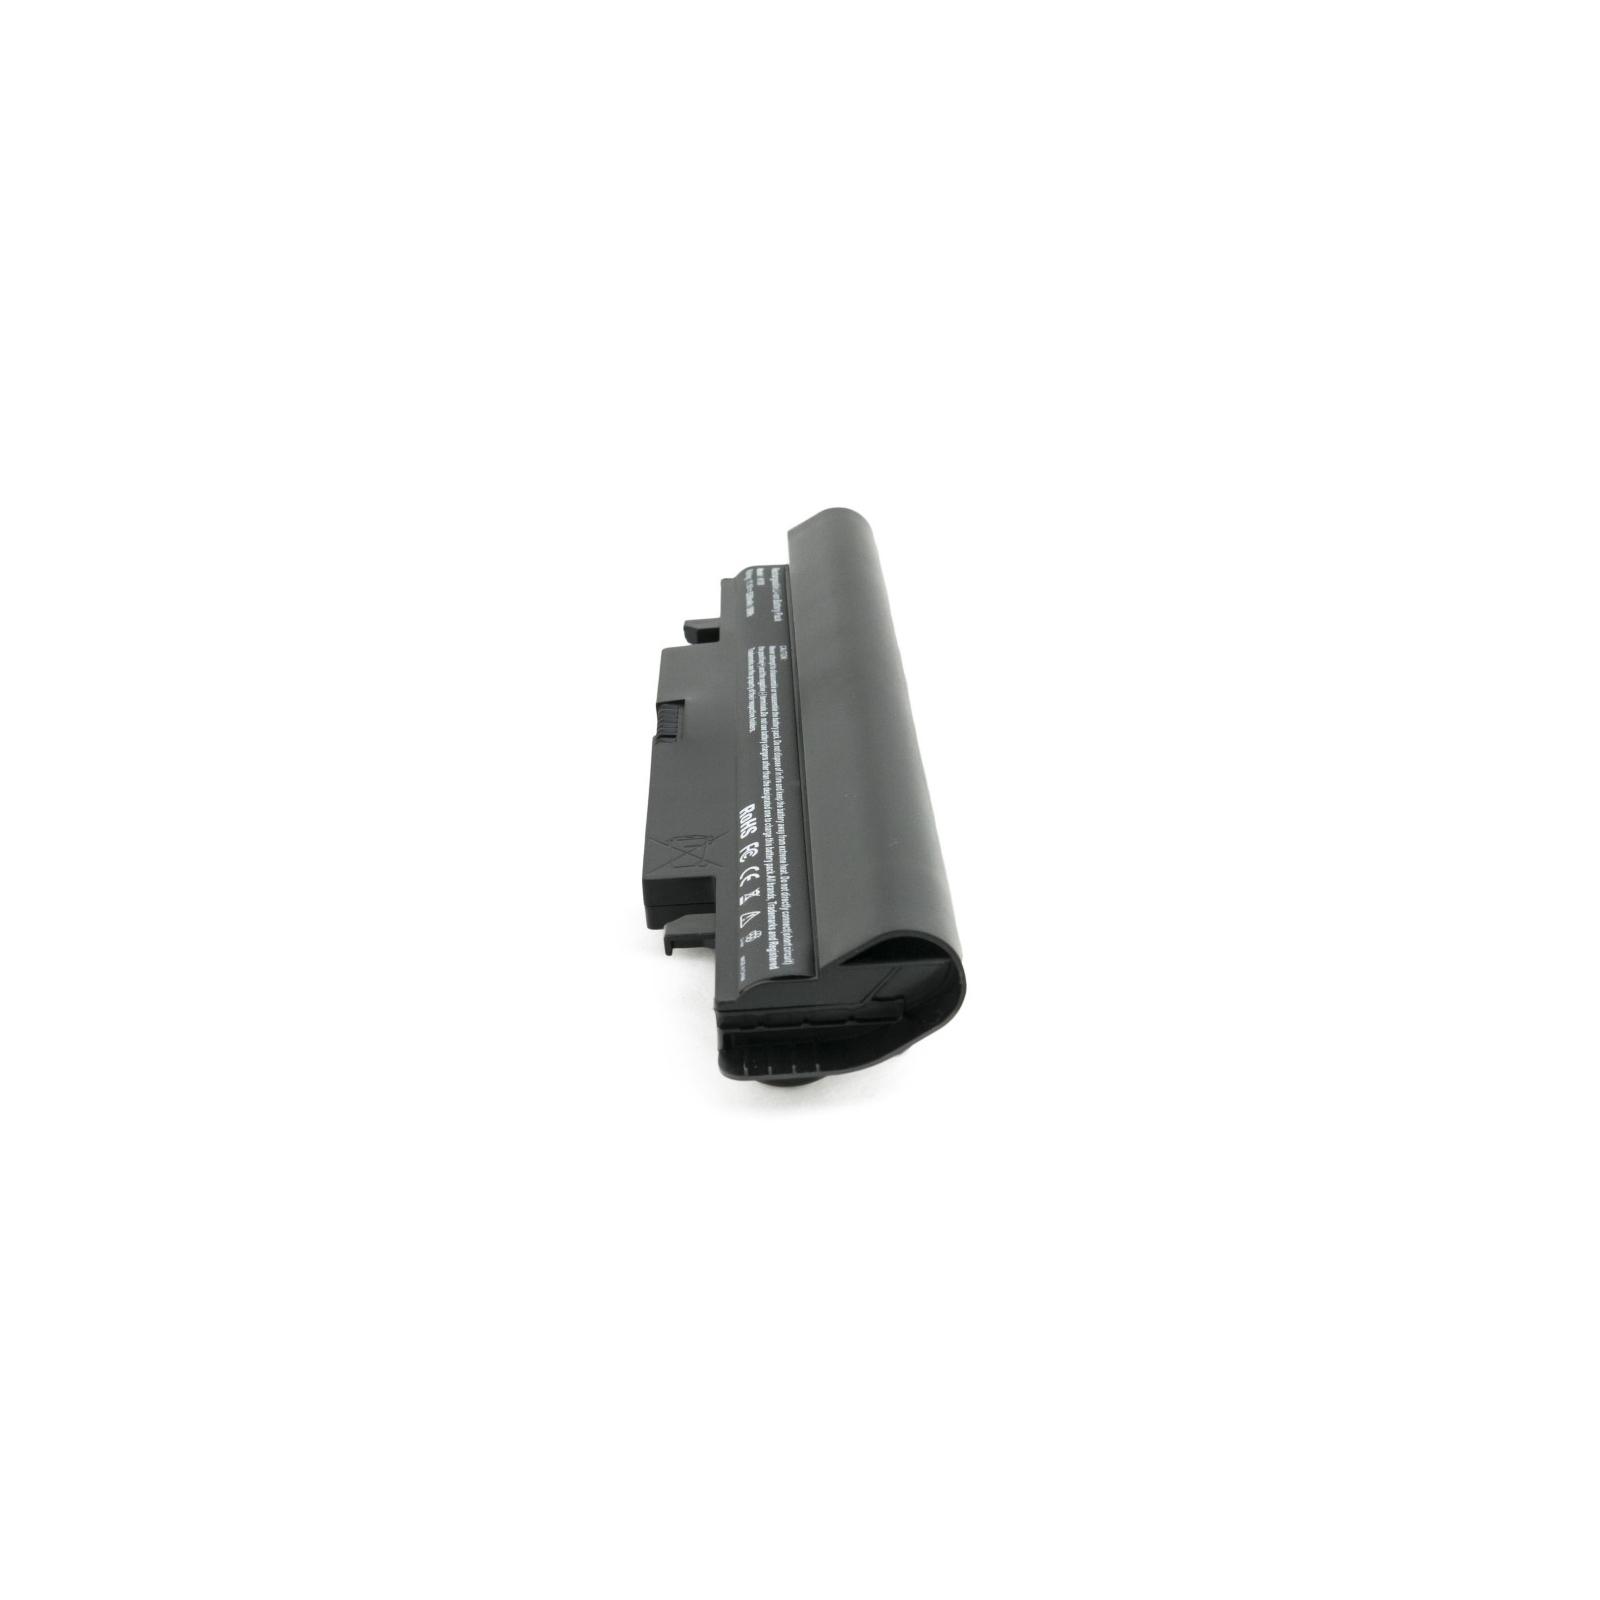 Аккумулятор для ноутбука Samsung NP-N150 (AA-PB2VC6B) 5200 mAh EXTRADIGITAL (BNS3957) изображение 5